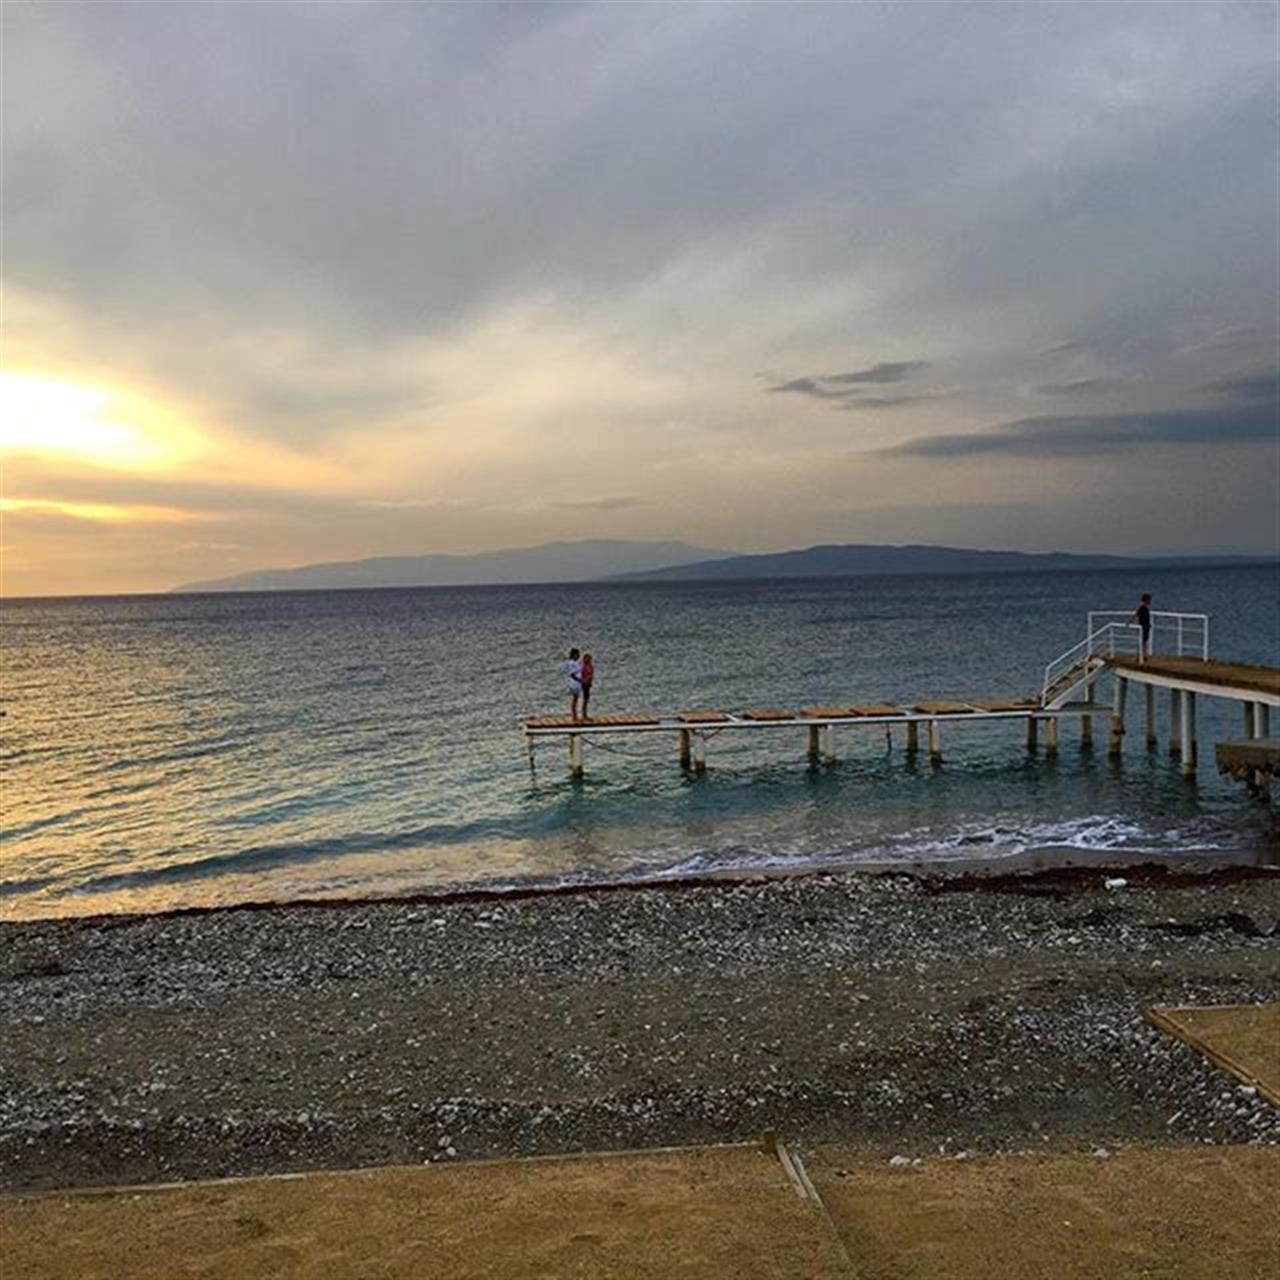 Ocoa Bay in the south west of the Dominican Republic. www.selectcaribbean.com #DominicanRepublic #hatillo #bahiadeocoa #leadingrelocal #realestate #adventure #explore